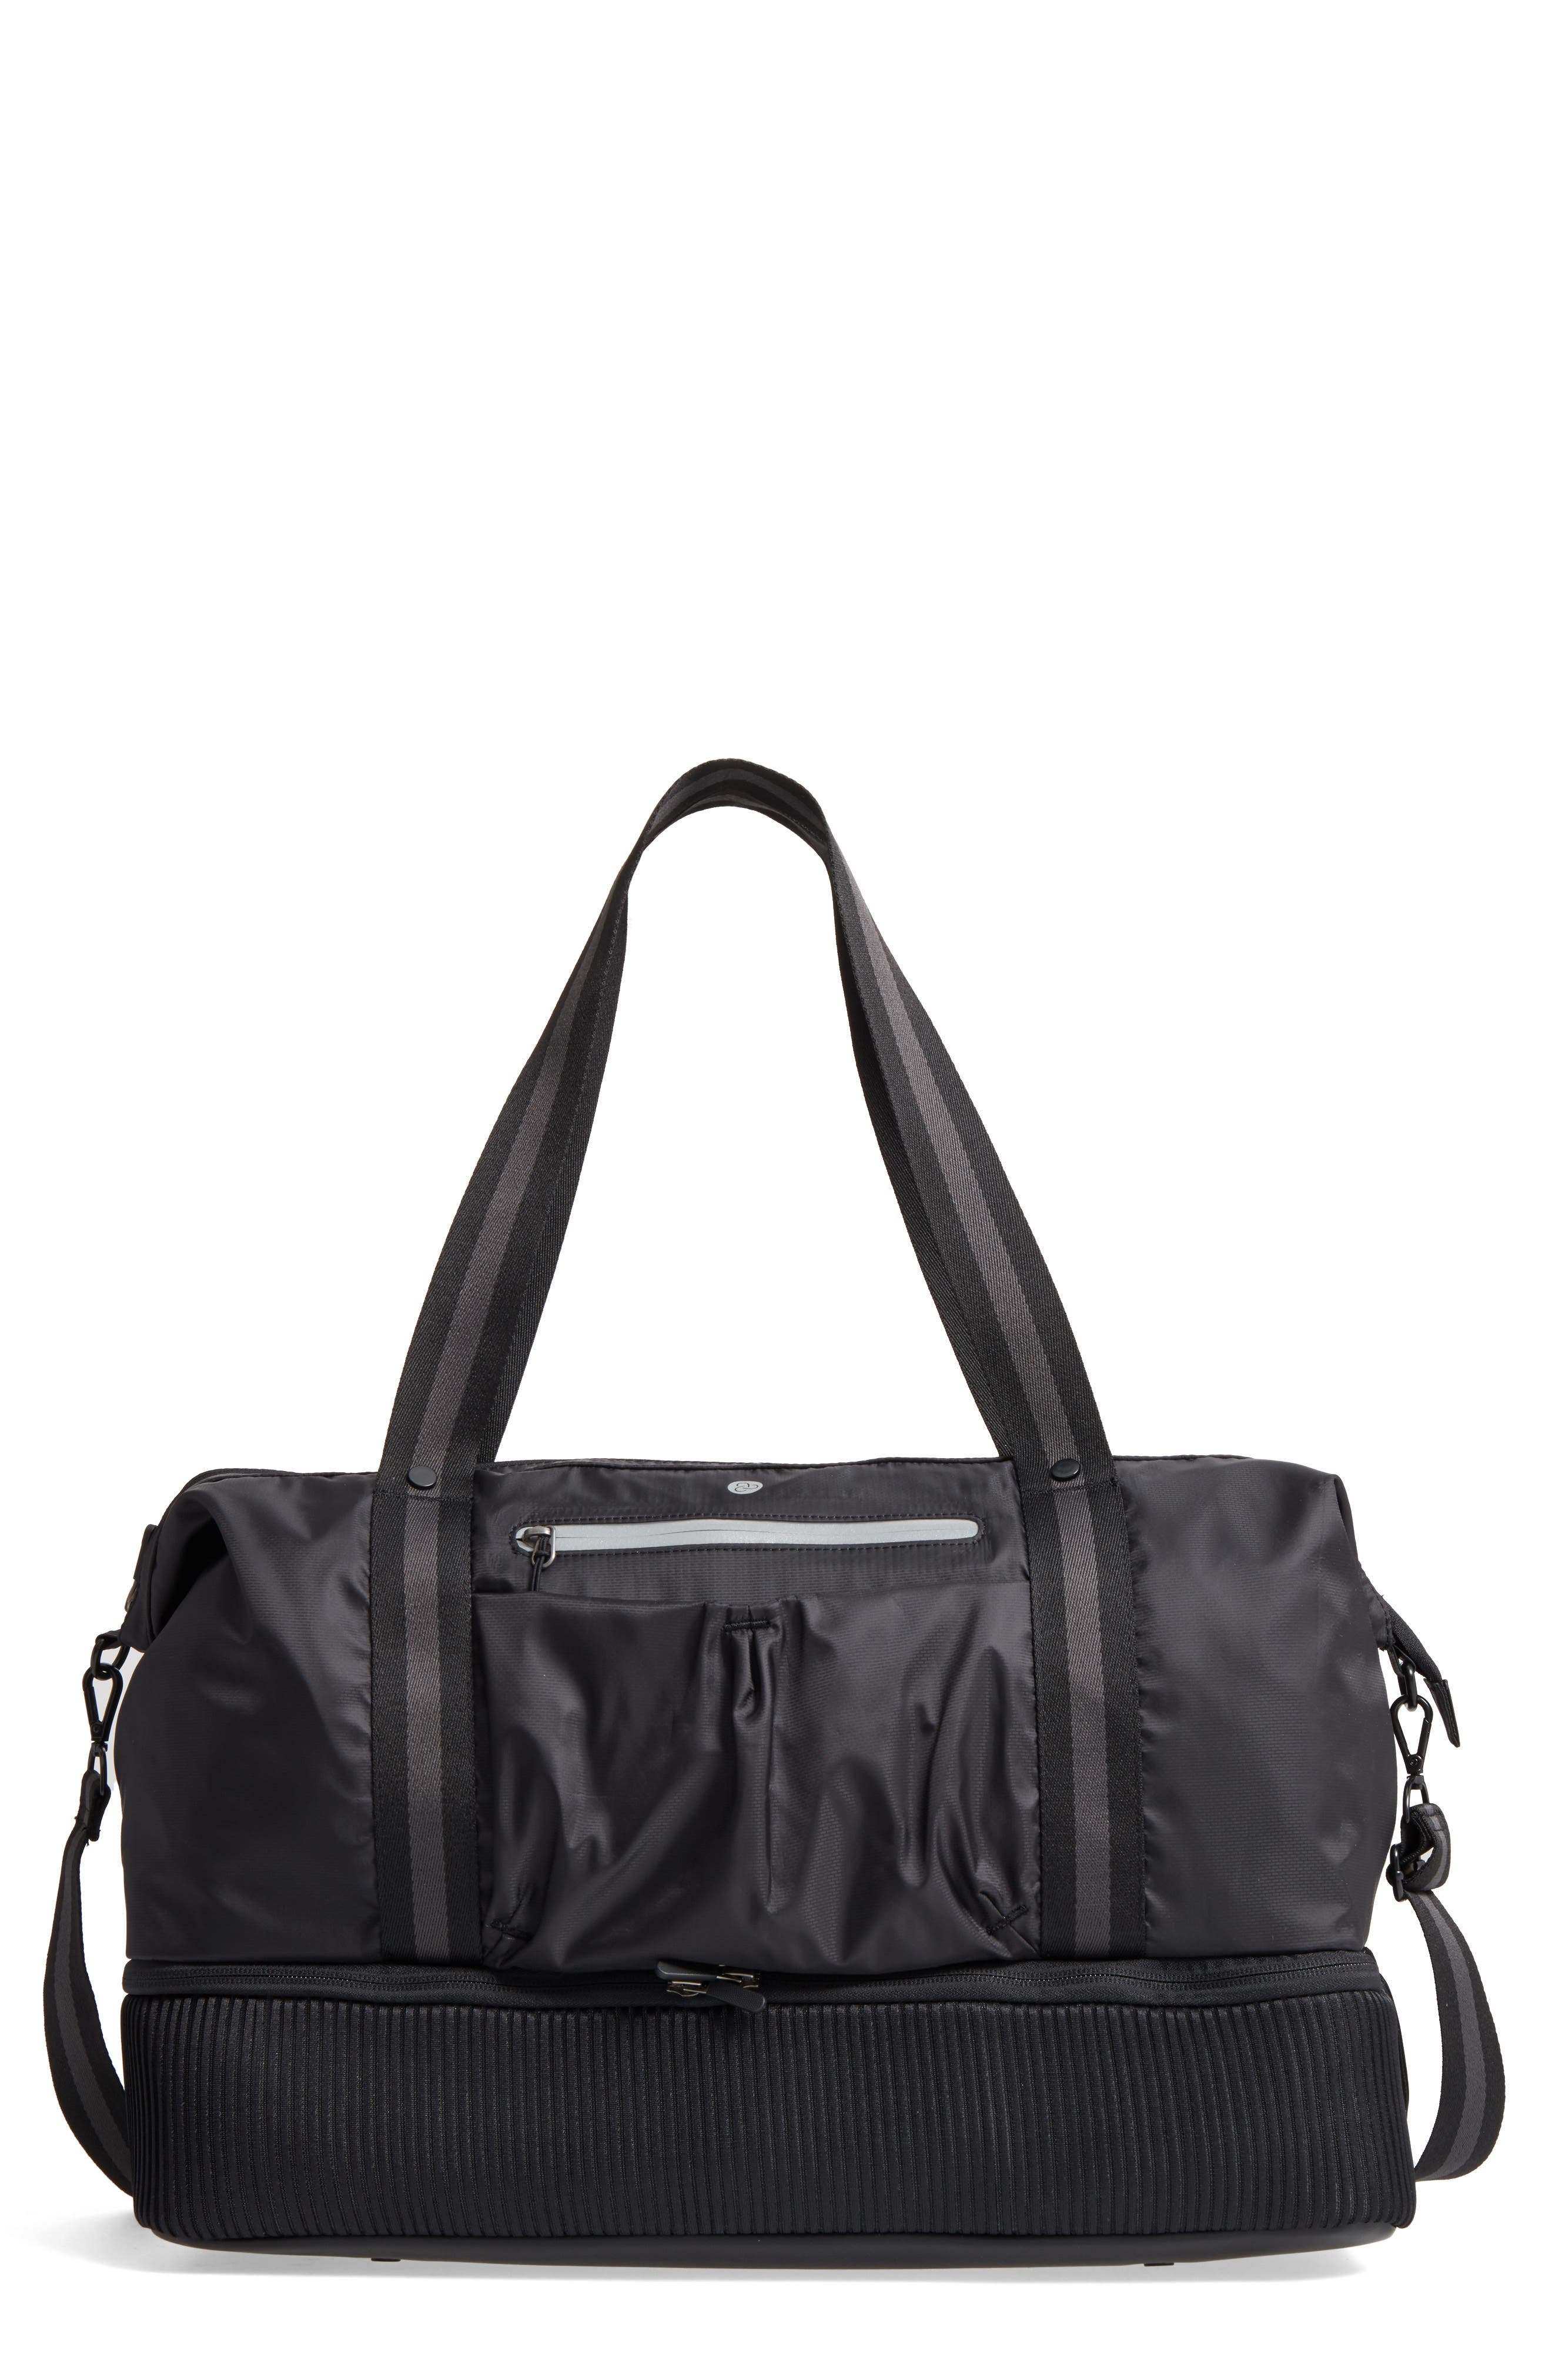 Zella Alcove Duffel Bag